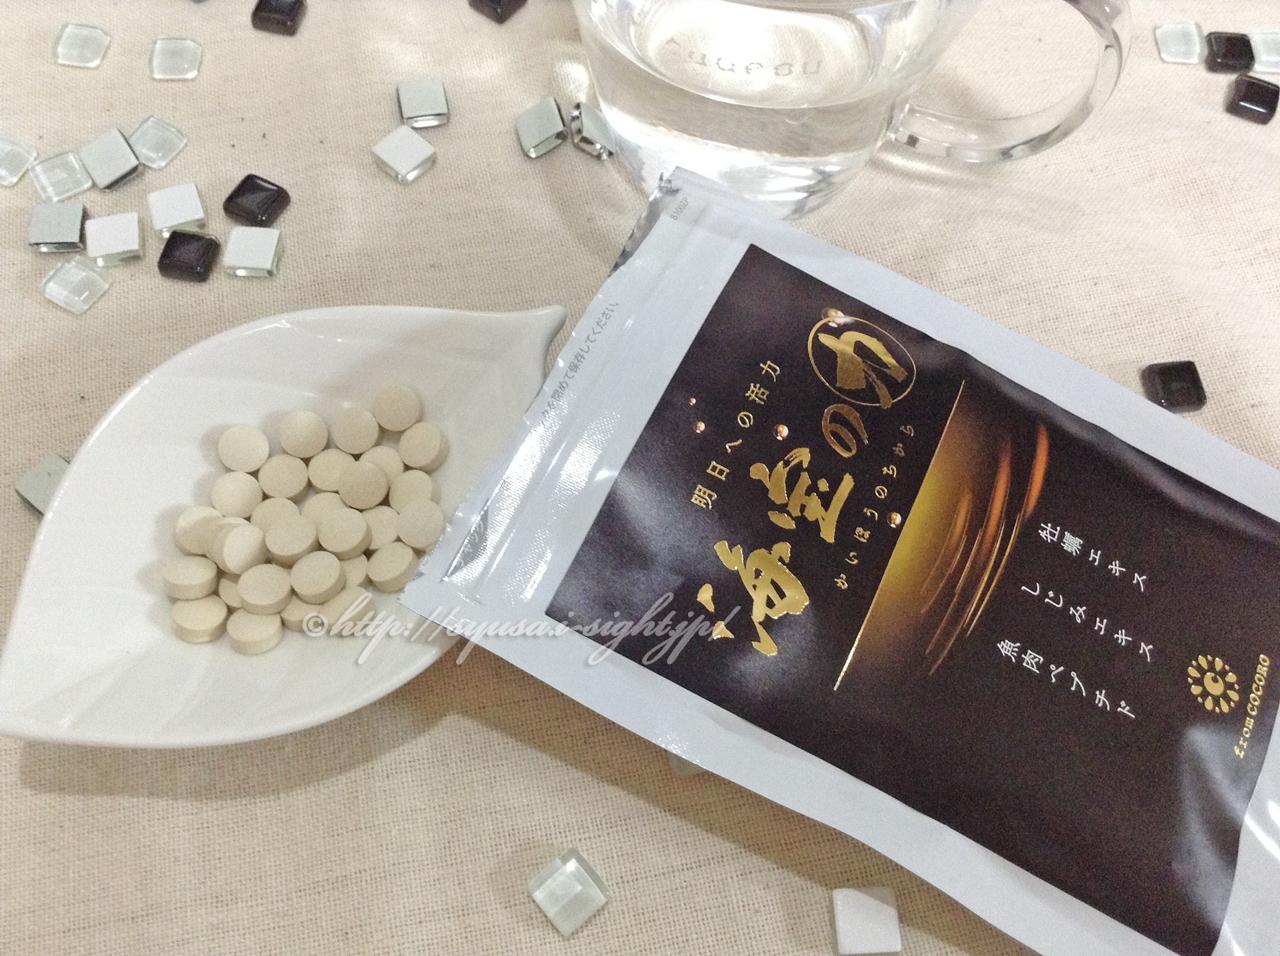 次世代亜鉛サプリ「海宝の力」口コミ